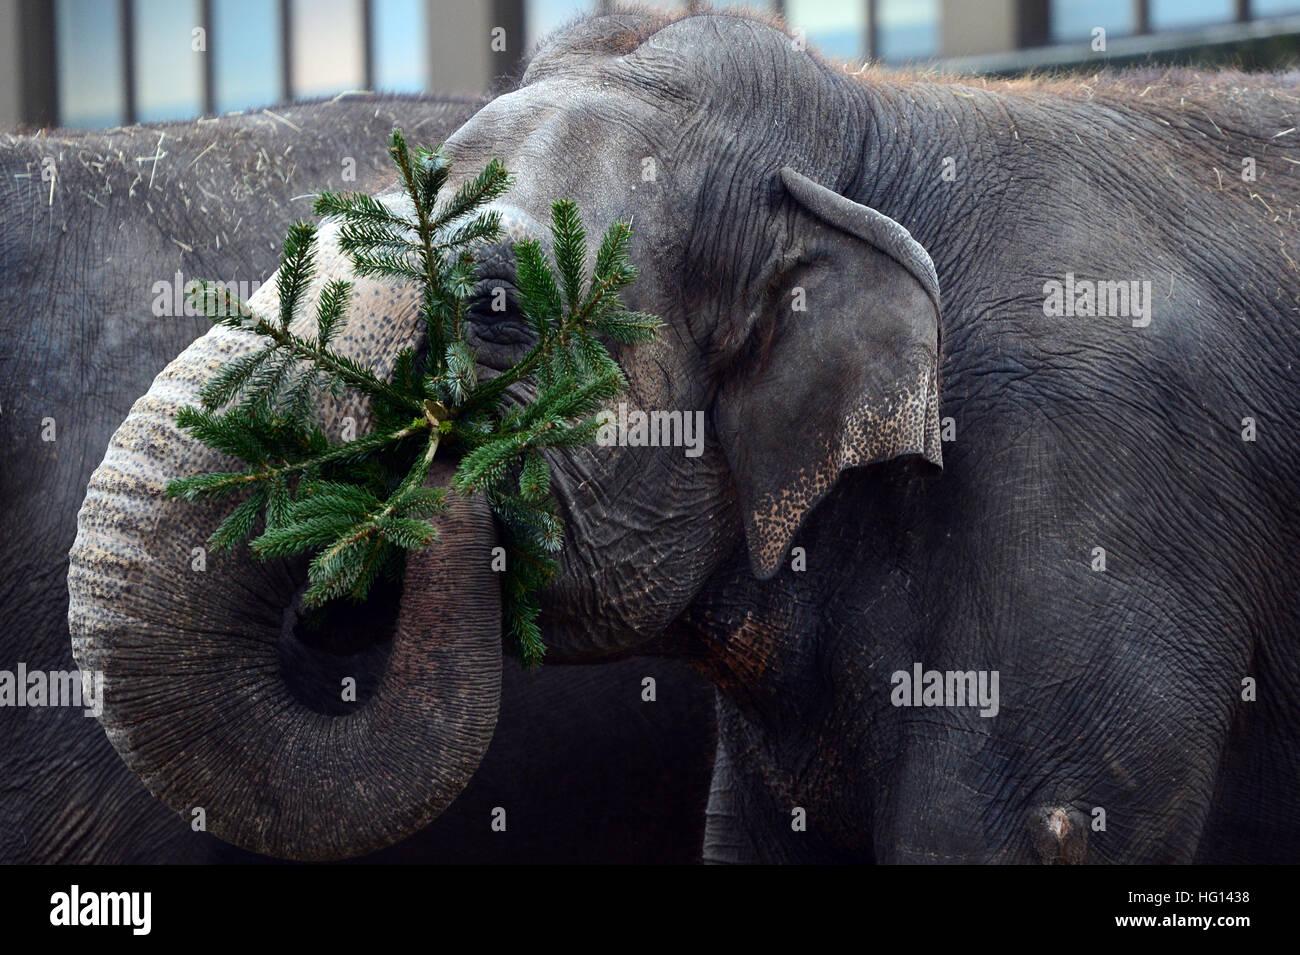 Berlin, Deutschland. 3. Januar 2017. Die Elefanten werden immer verworfen Weihnachtsbäume diente ihnen als Delikatesse Stockfoto